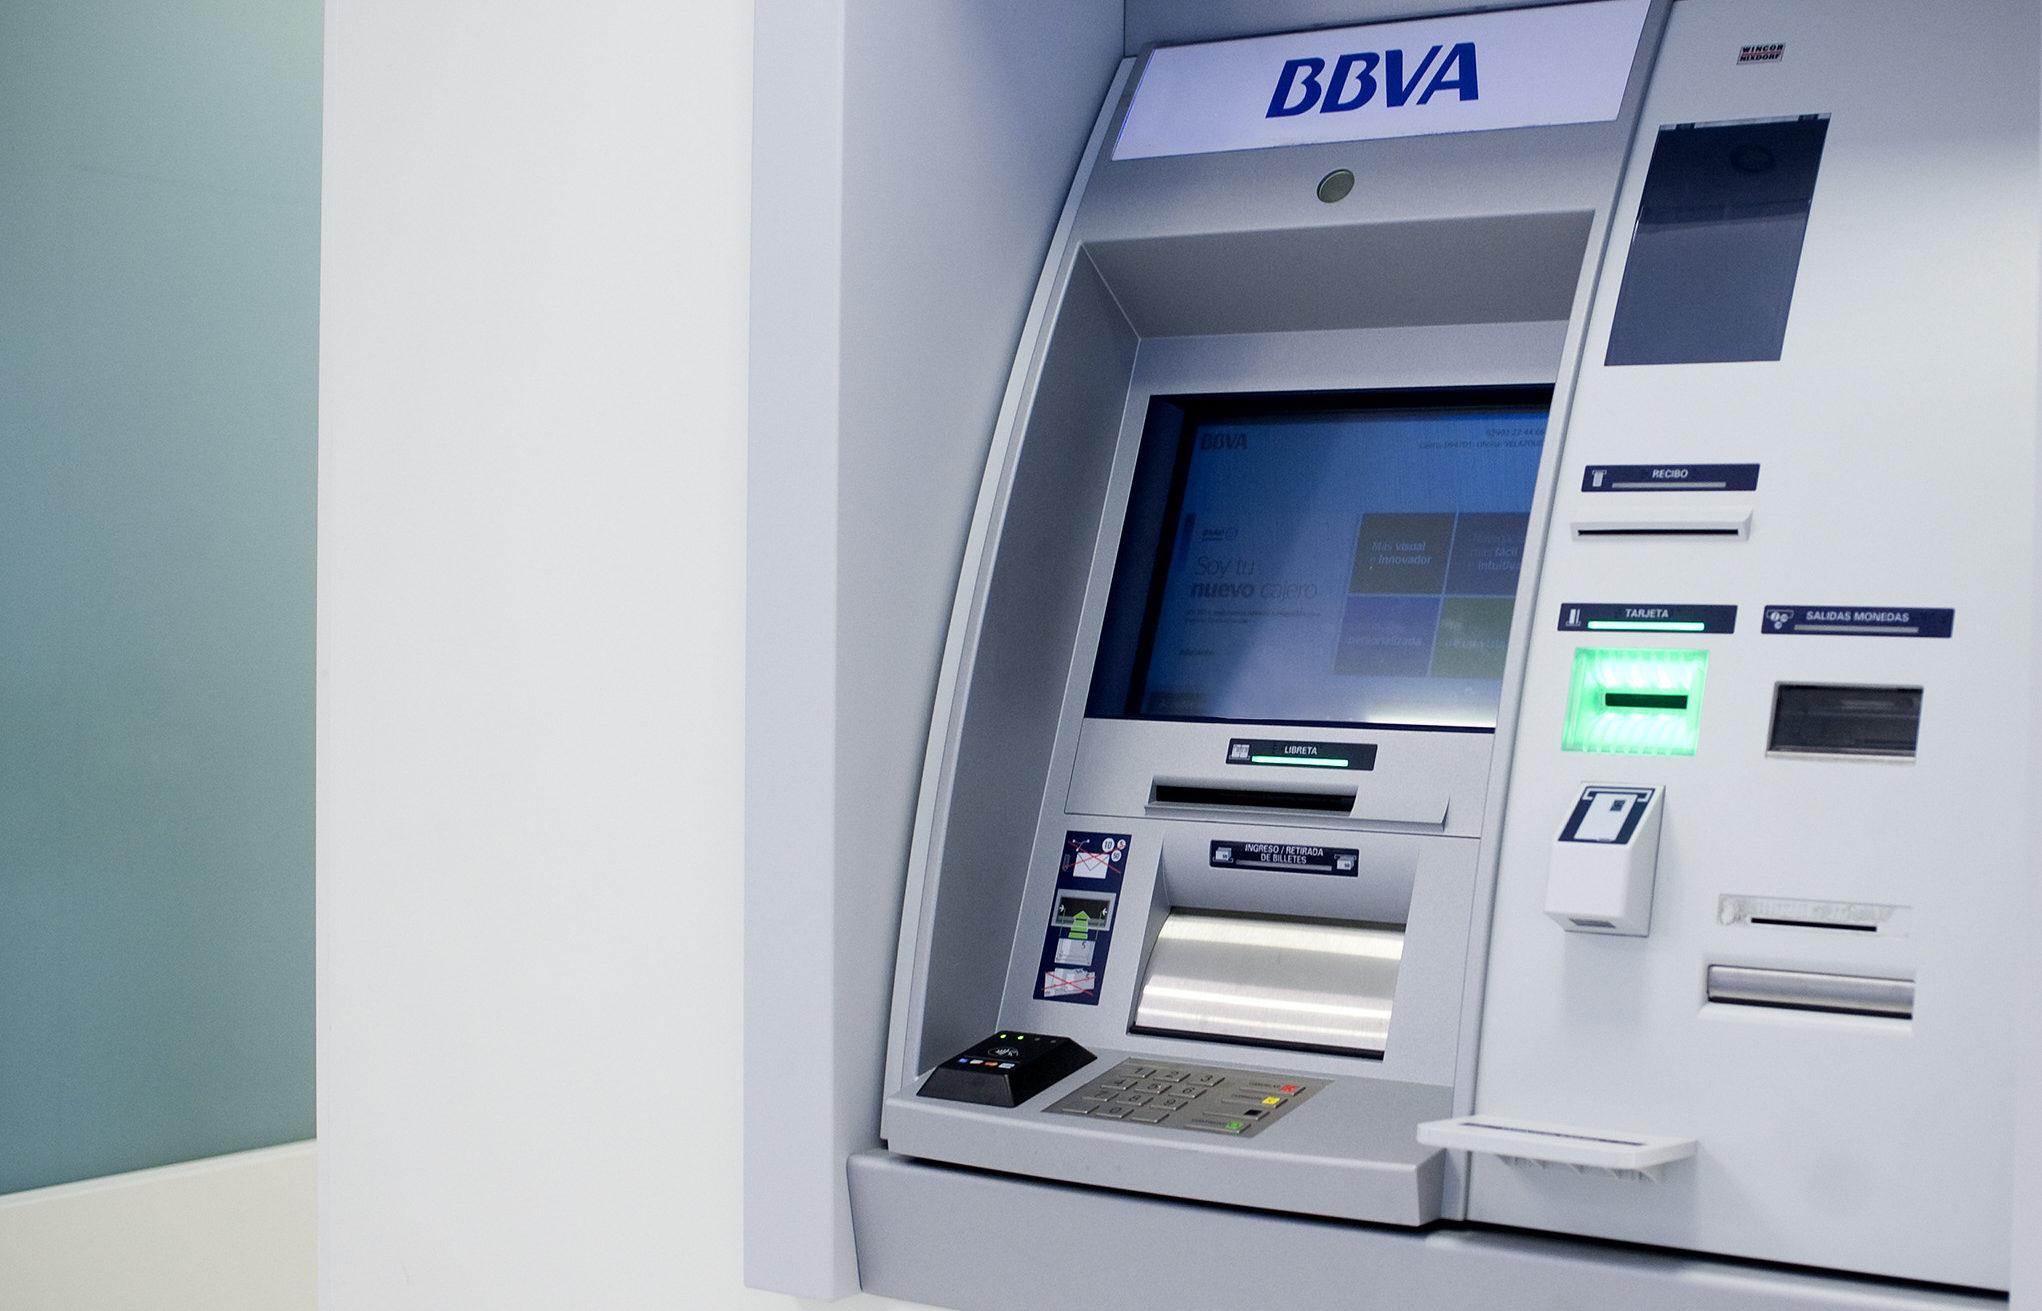 Historia de los cajeros autom ticos bbva for Cajeros banco santander para ingresar dinero